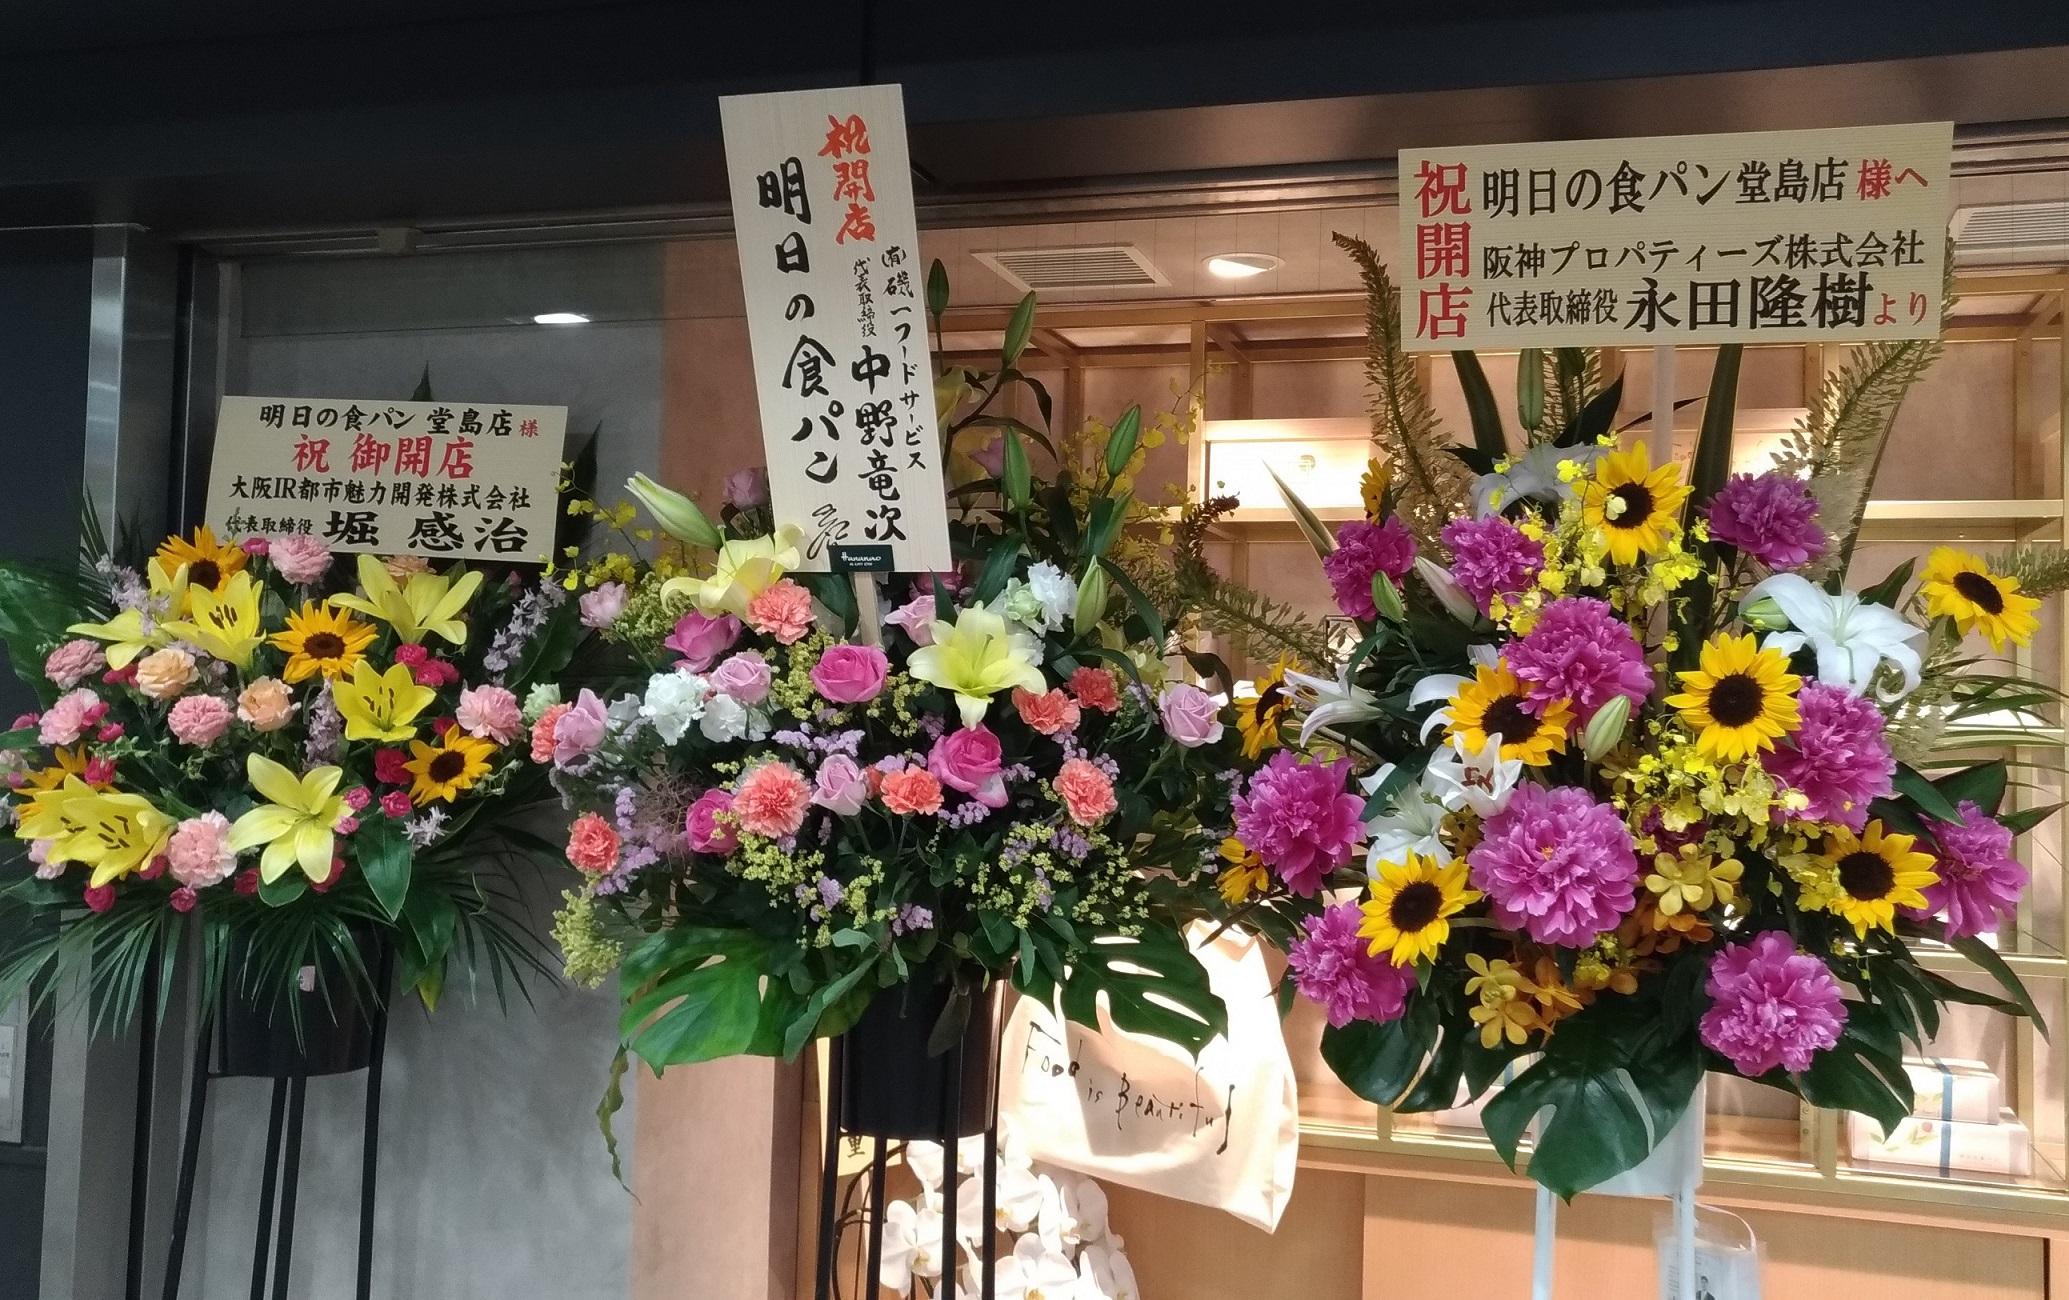 umeda_osaka_ashita_shokupan_.jpg